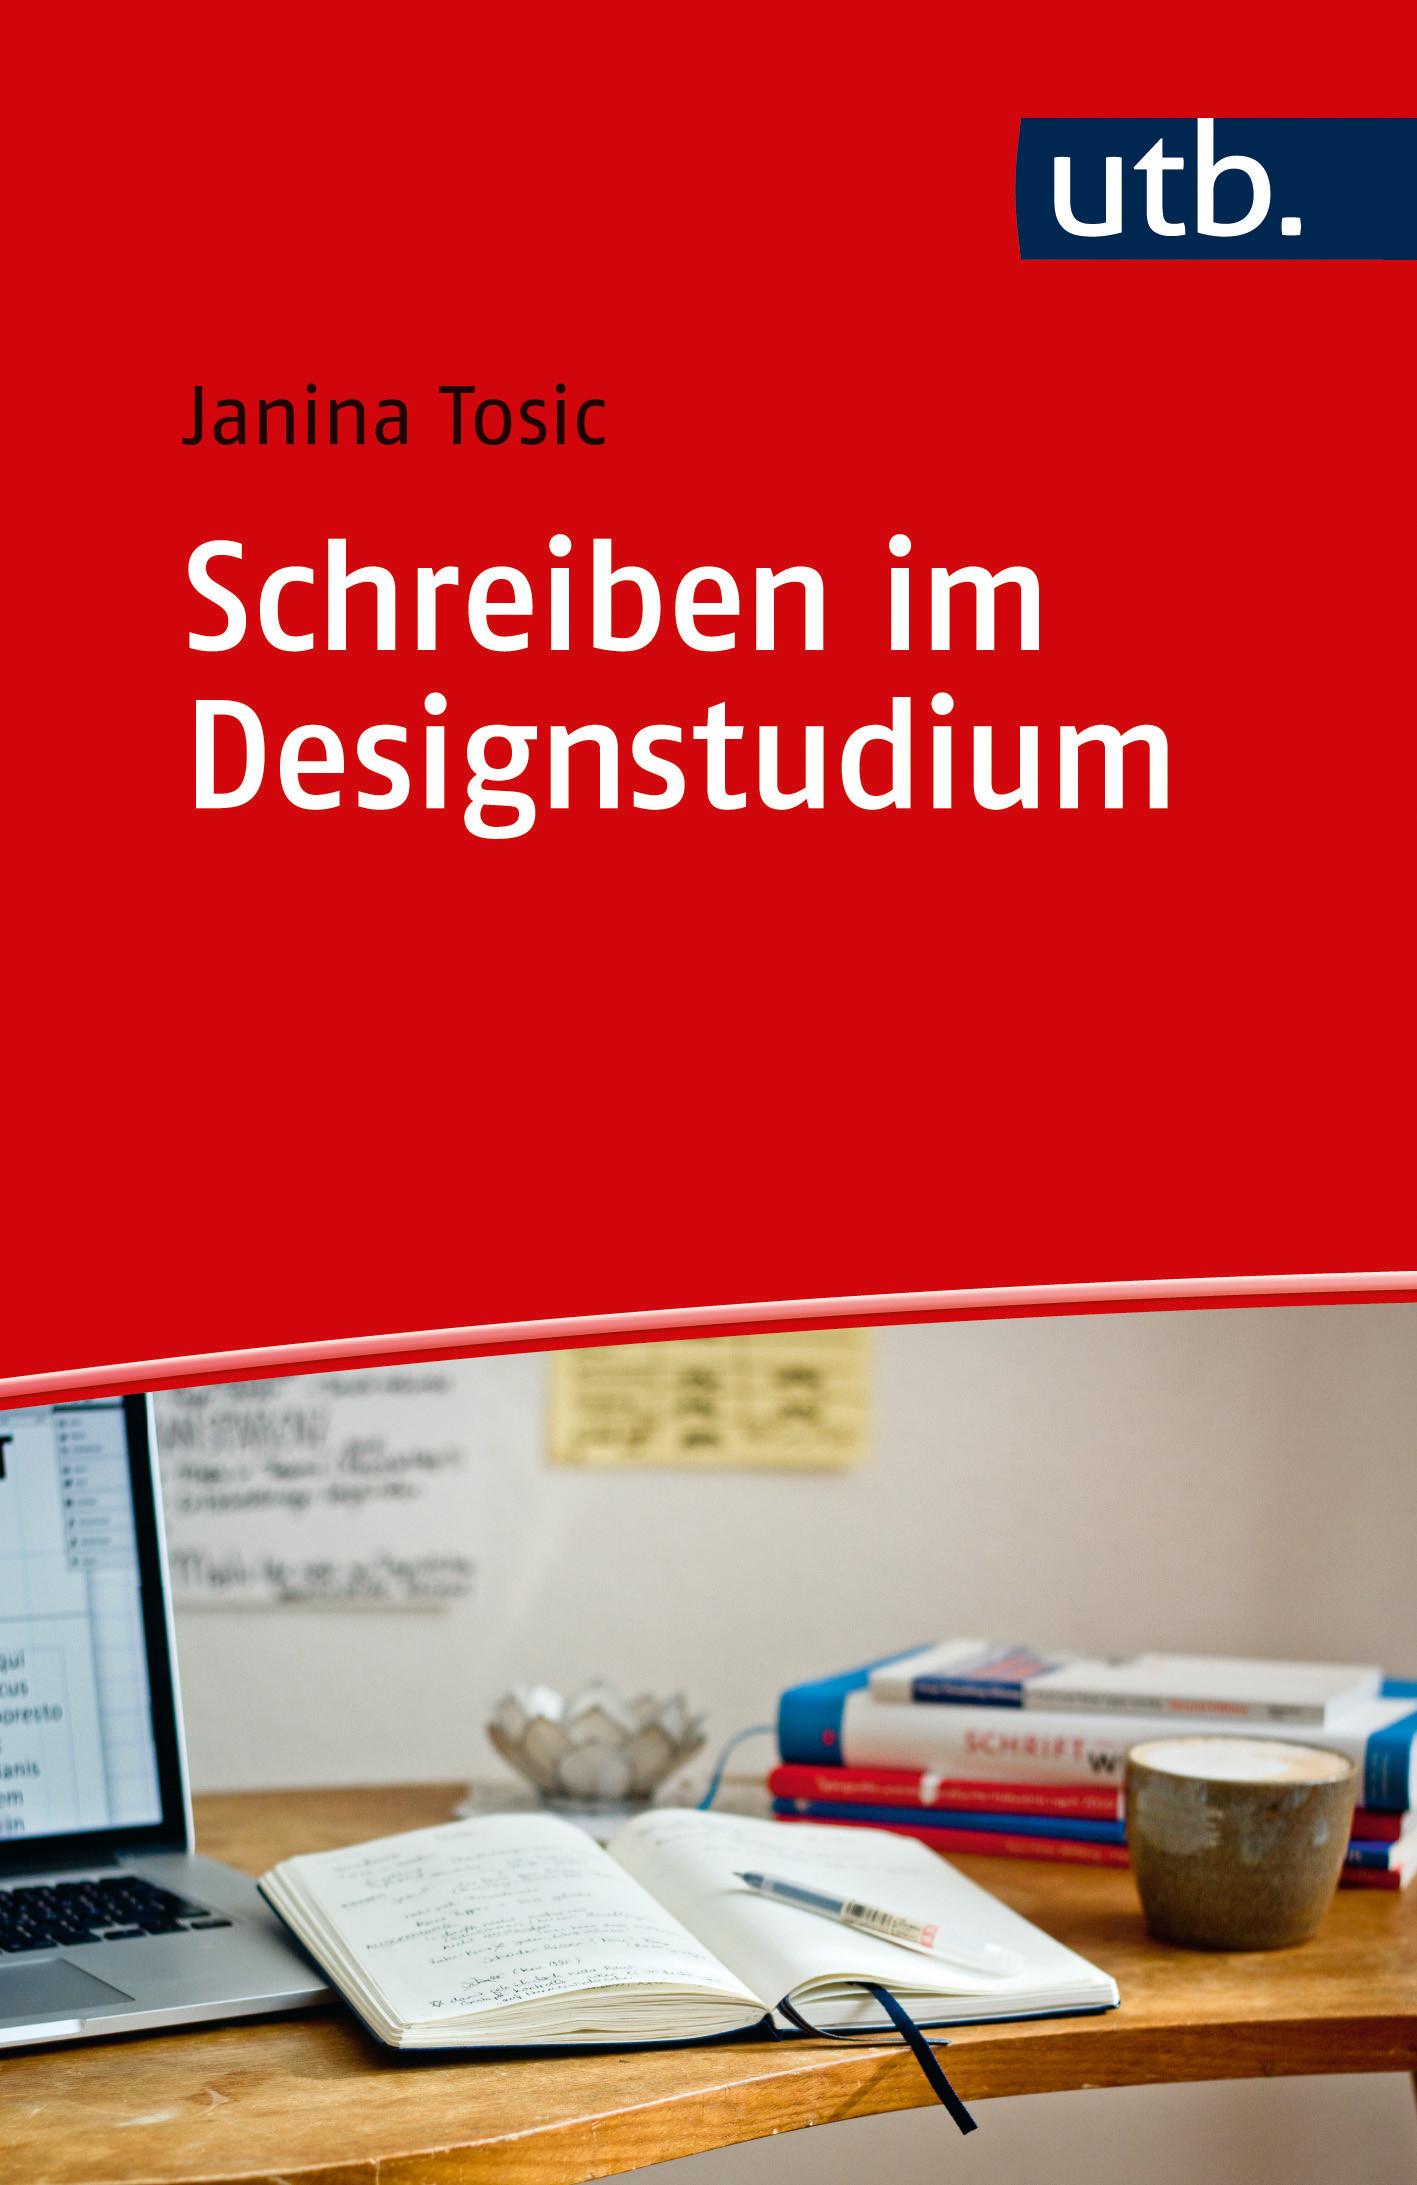 Schreiben im Designstudium